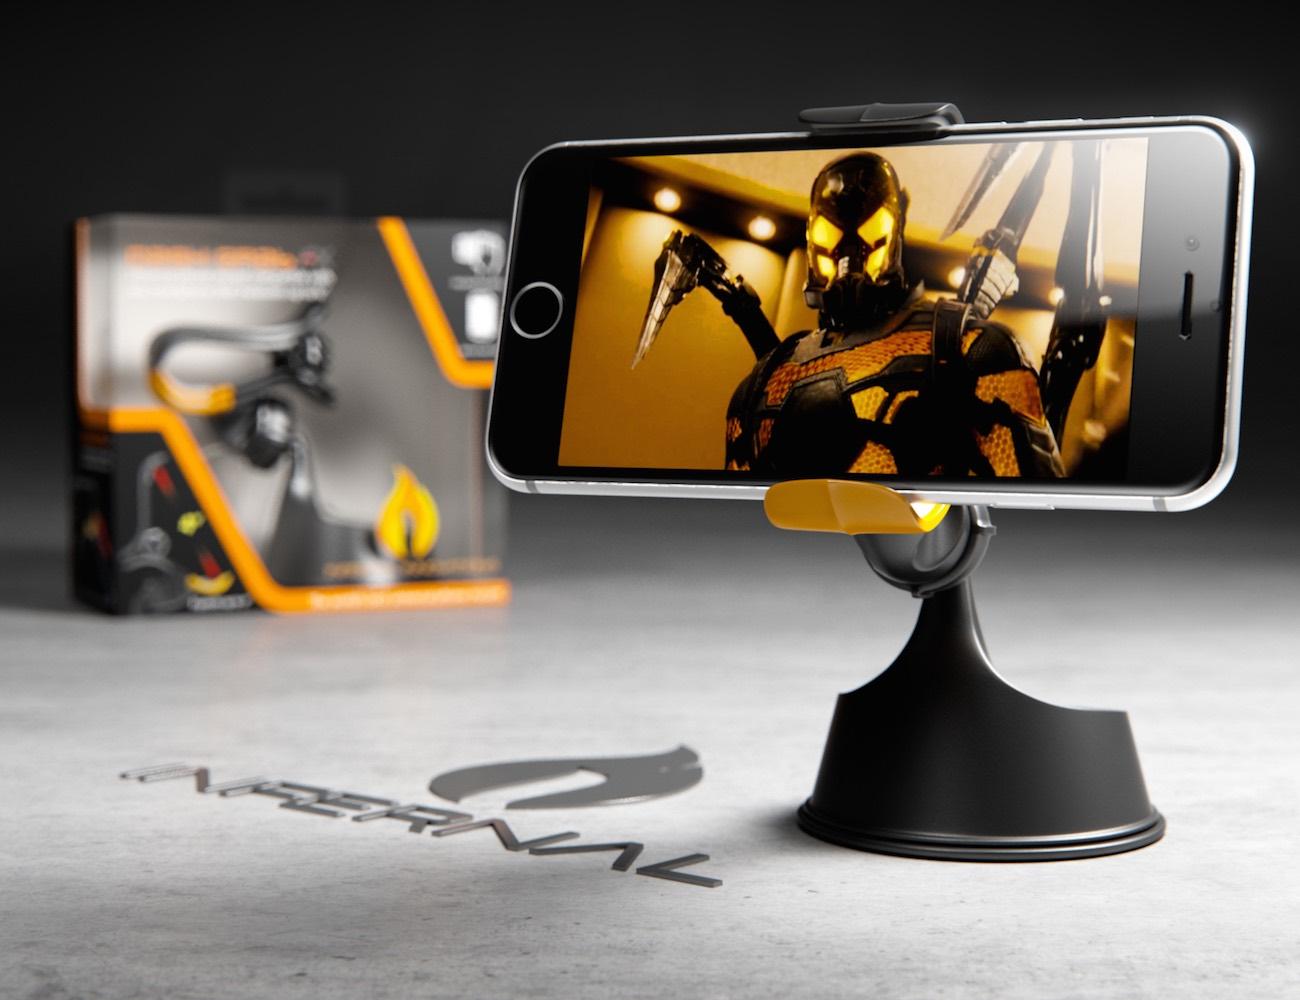 dash-grab-universal-phone-mount-02